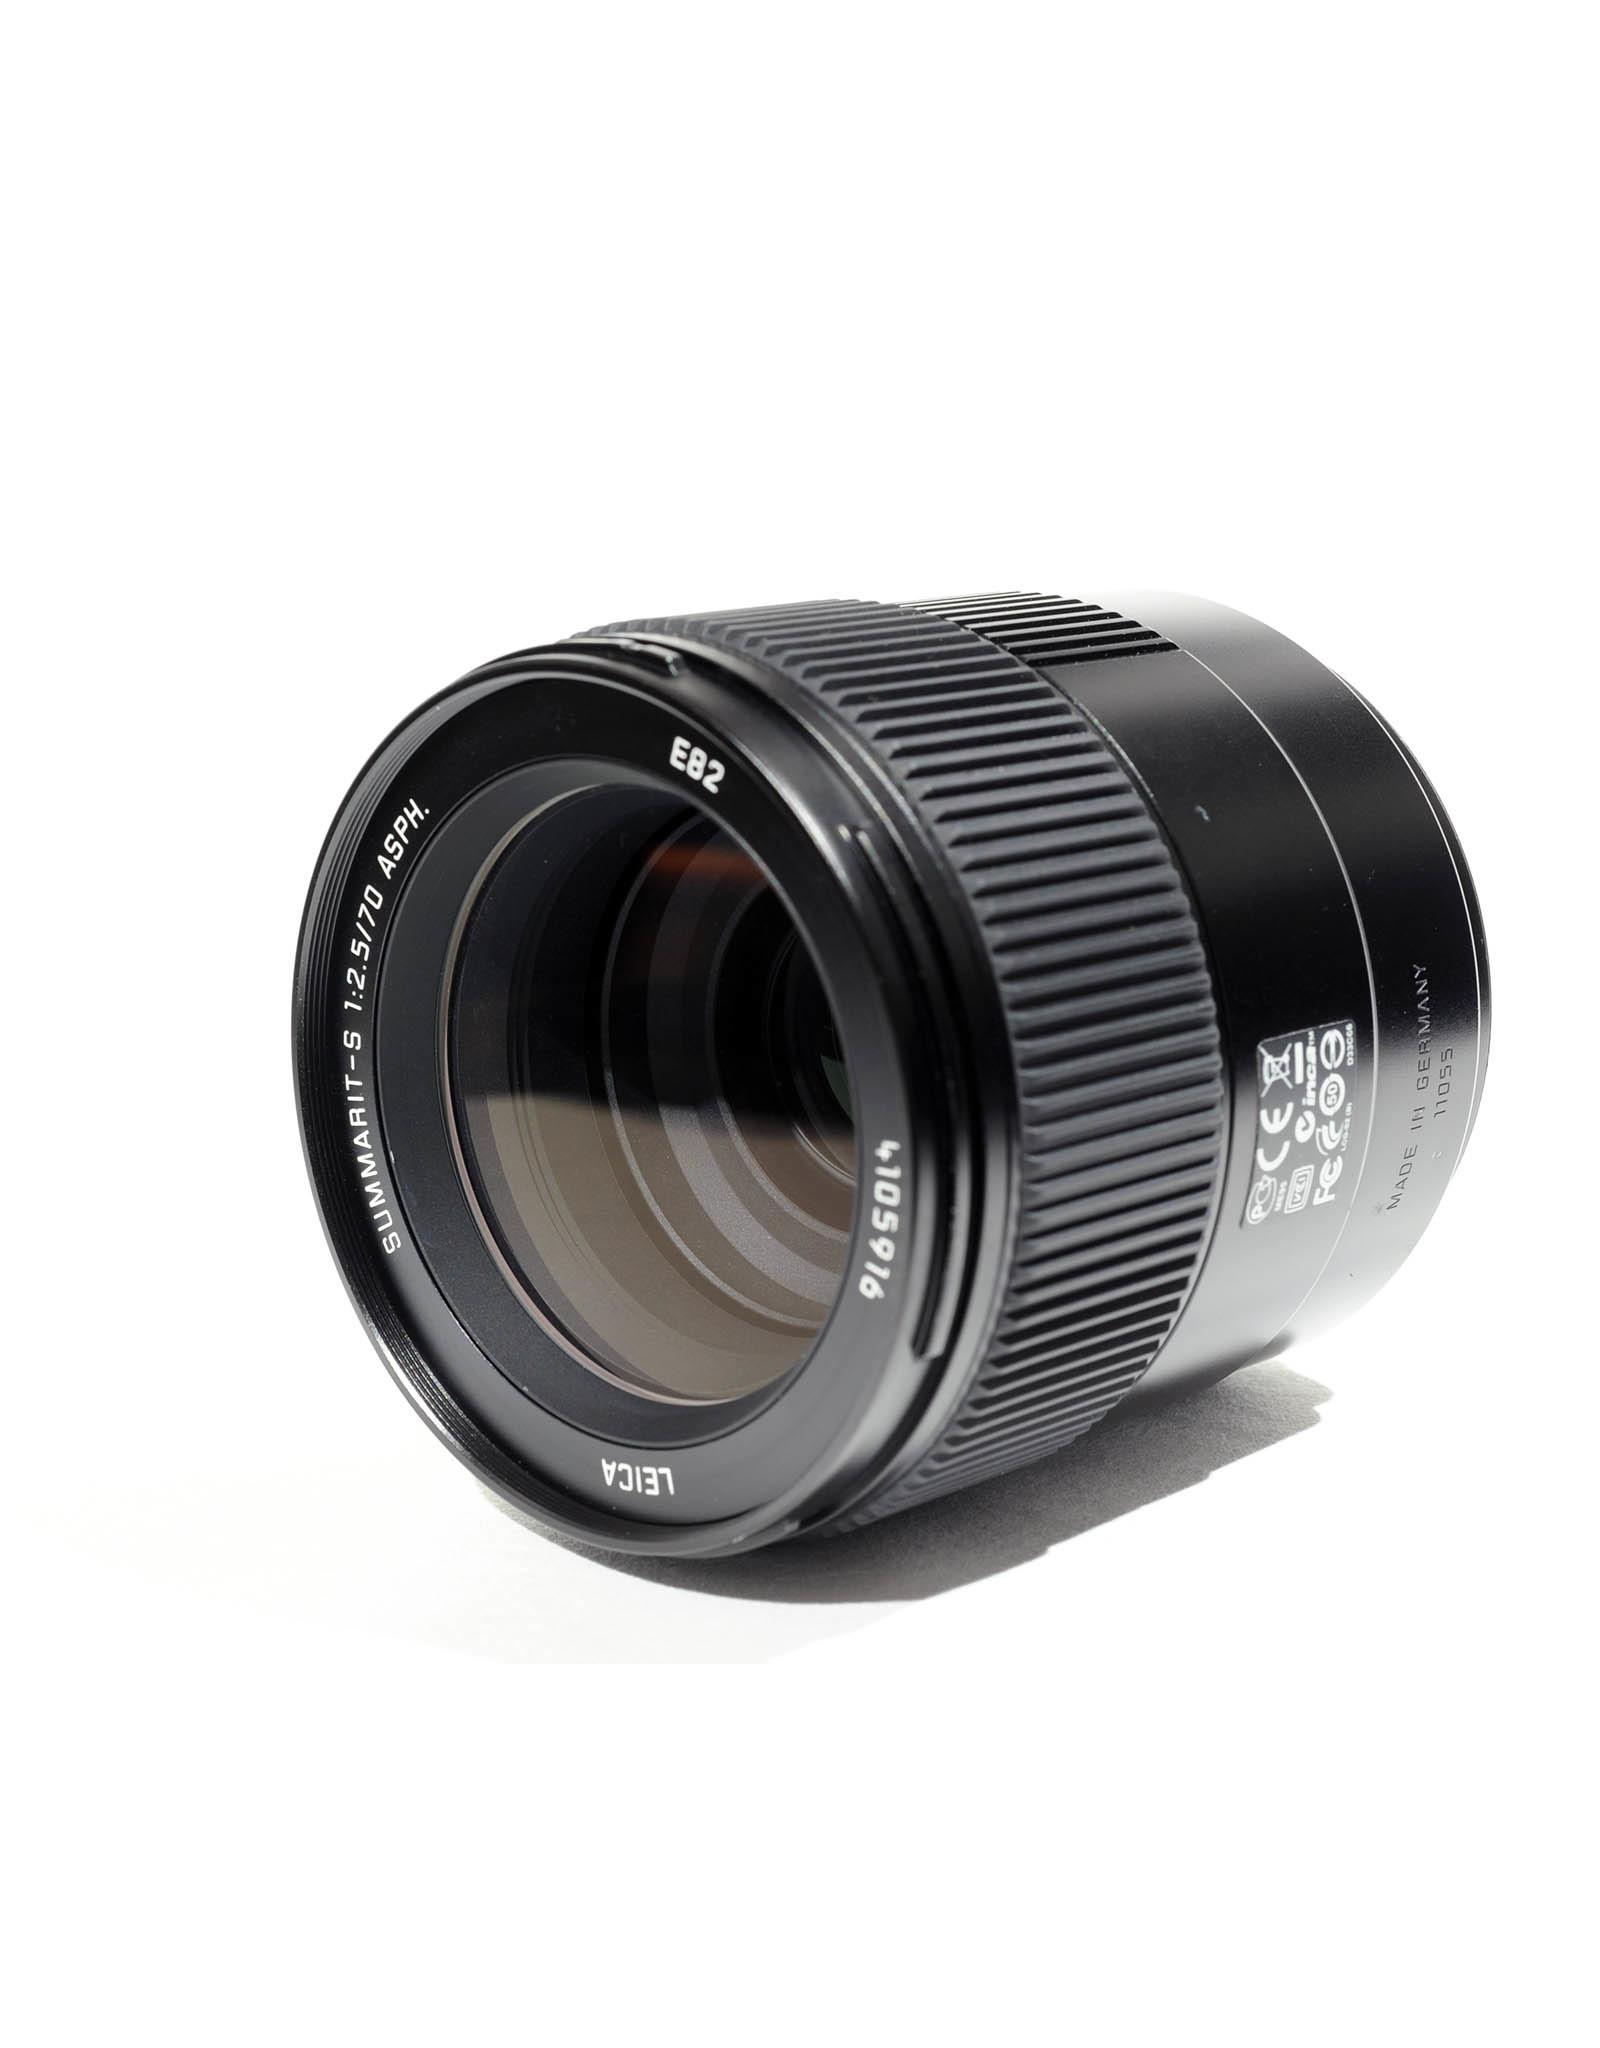 Leica Leica 70mm f2.5 Summarit-S ASPH + hood (boxed)